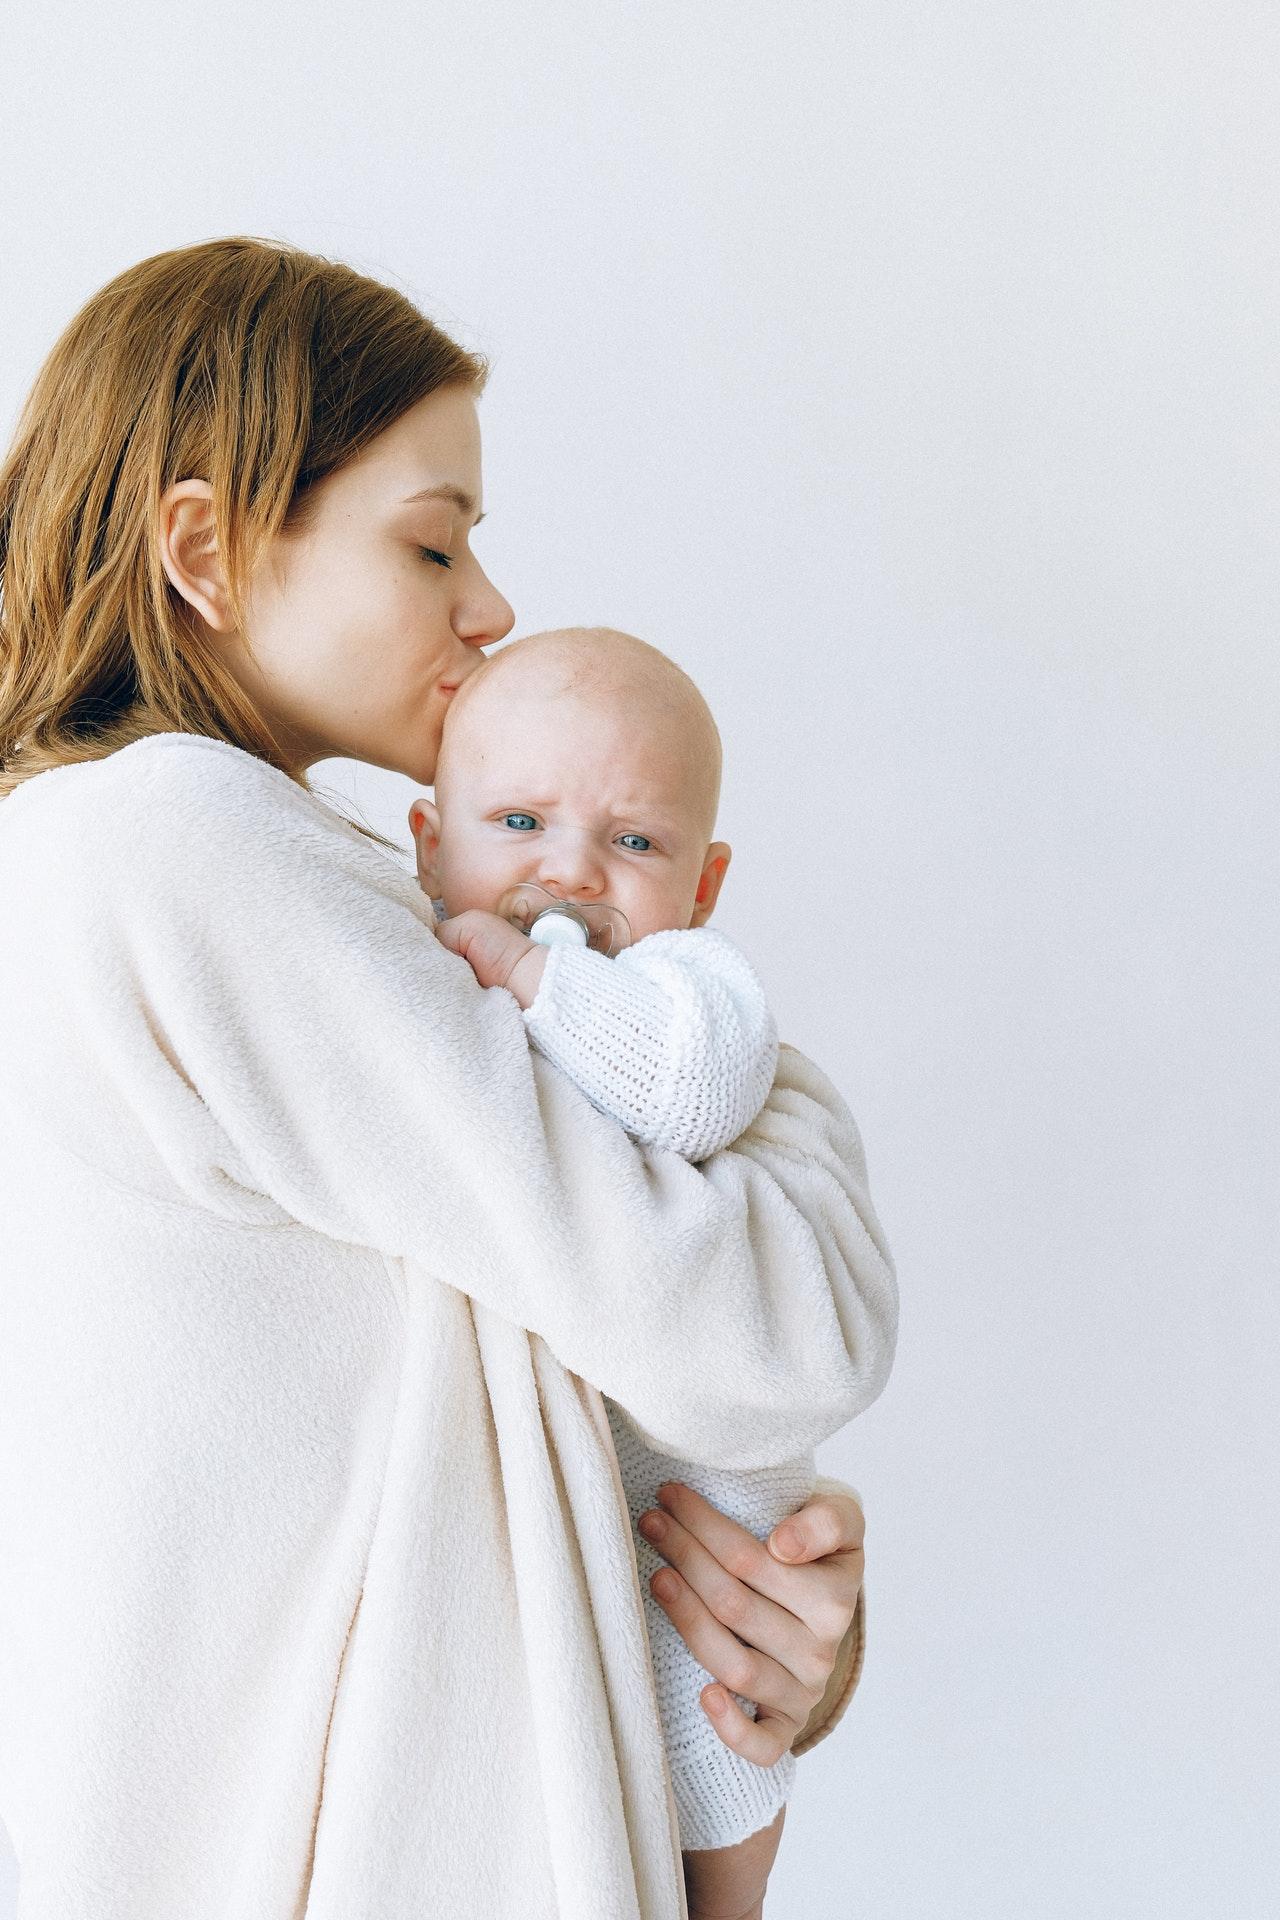 Comment bébé exprime-t-il son mal-être ?